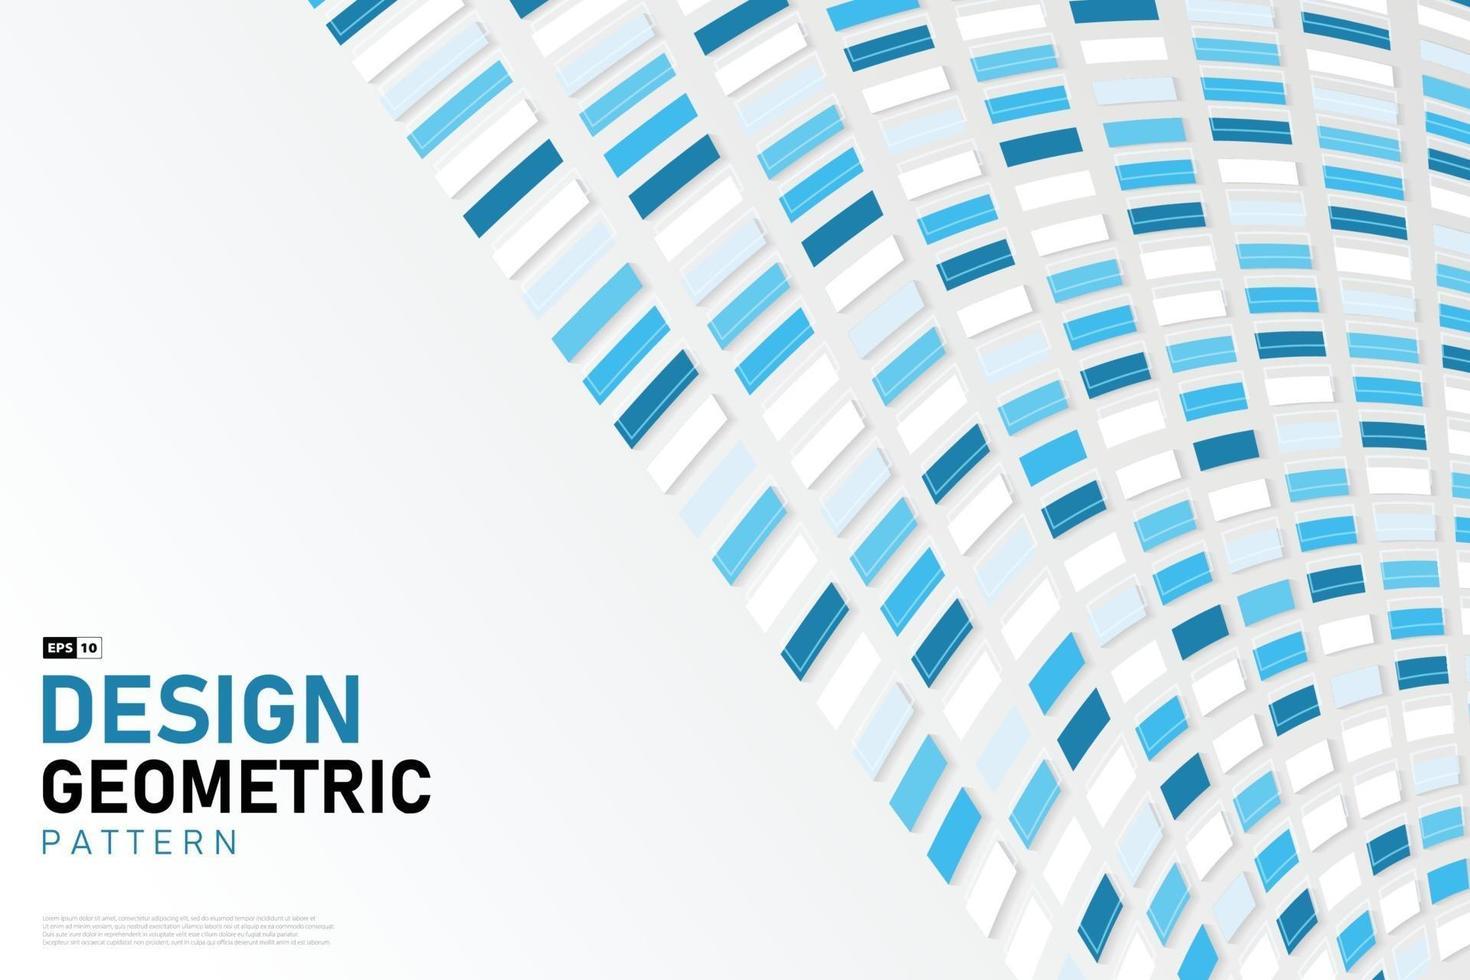 abstrakt fyrkantiga blå teknik stil design av täcka bakgrund. illustration vektor eps10